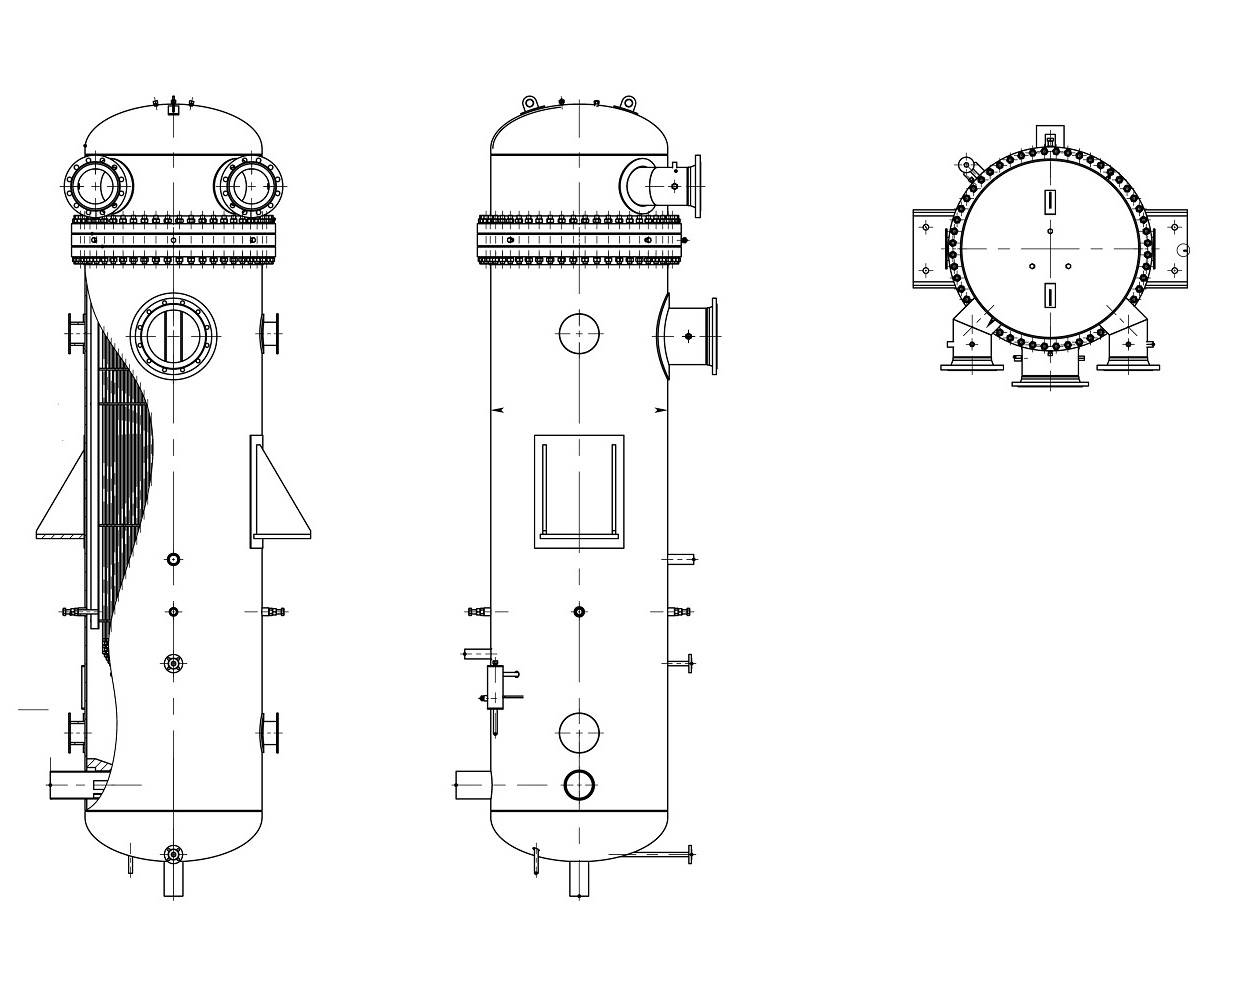 Подогреватель низкого давления ПН 400-26-7 IМ Артём Кожухотрубный конденсатор ONDA L 19.304.2438 Набережные Челны